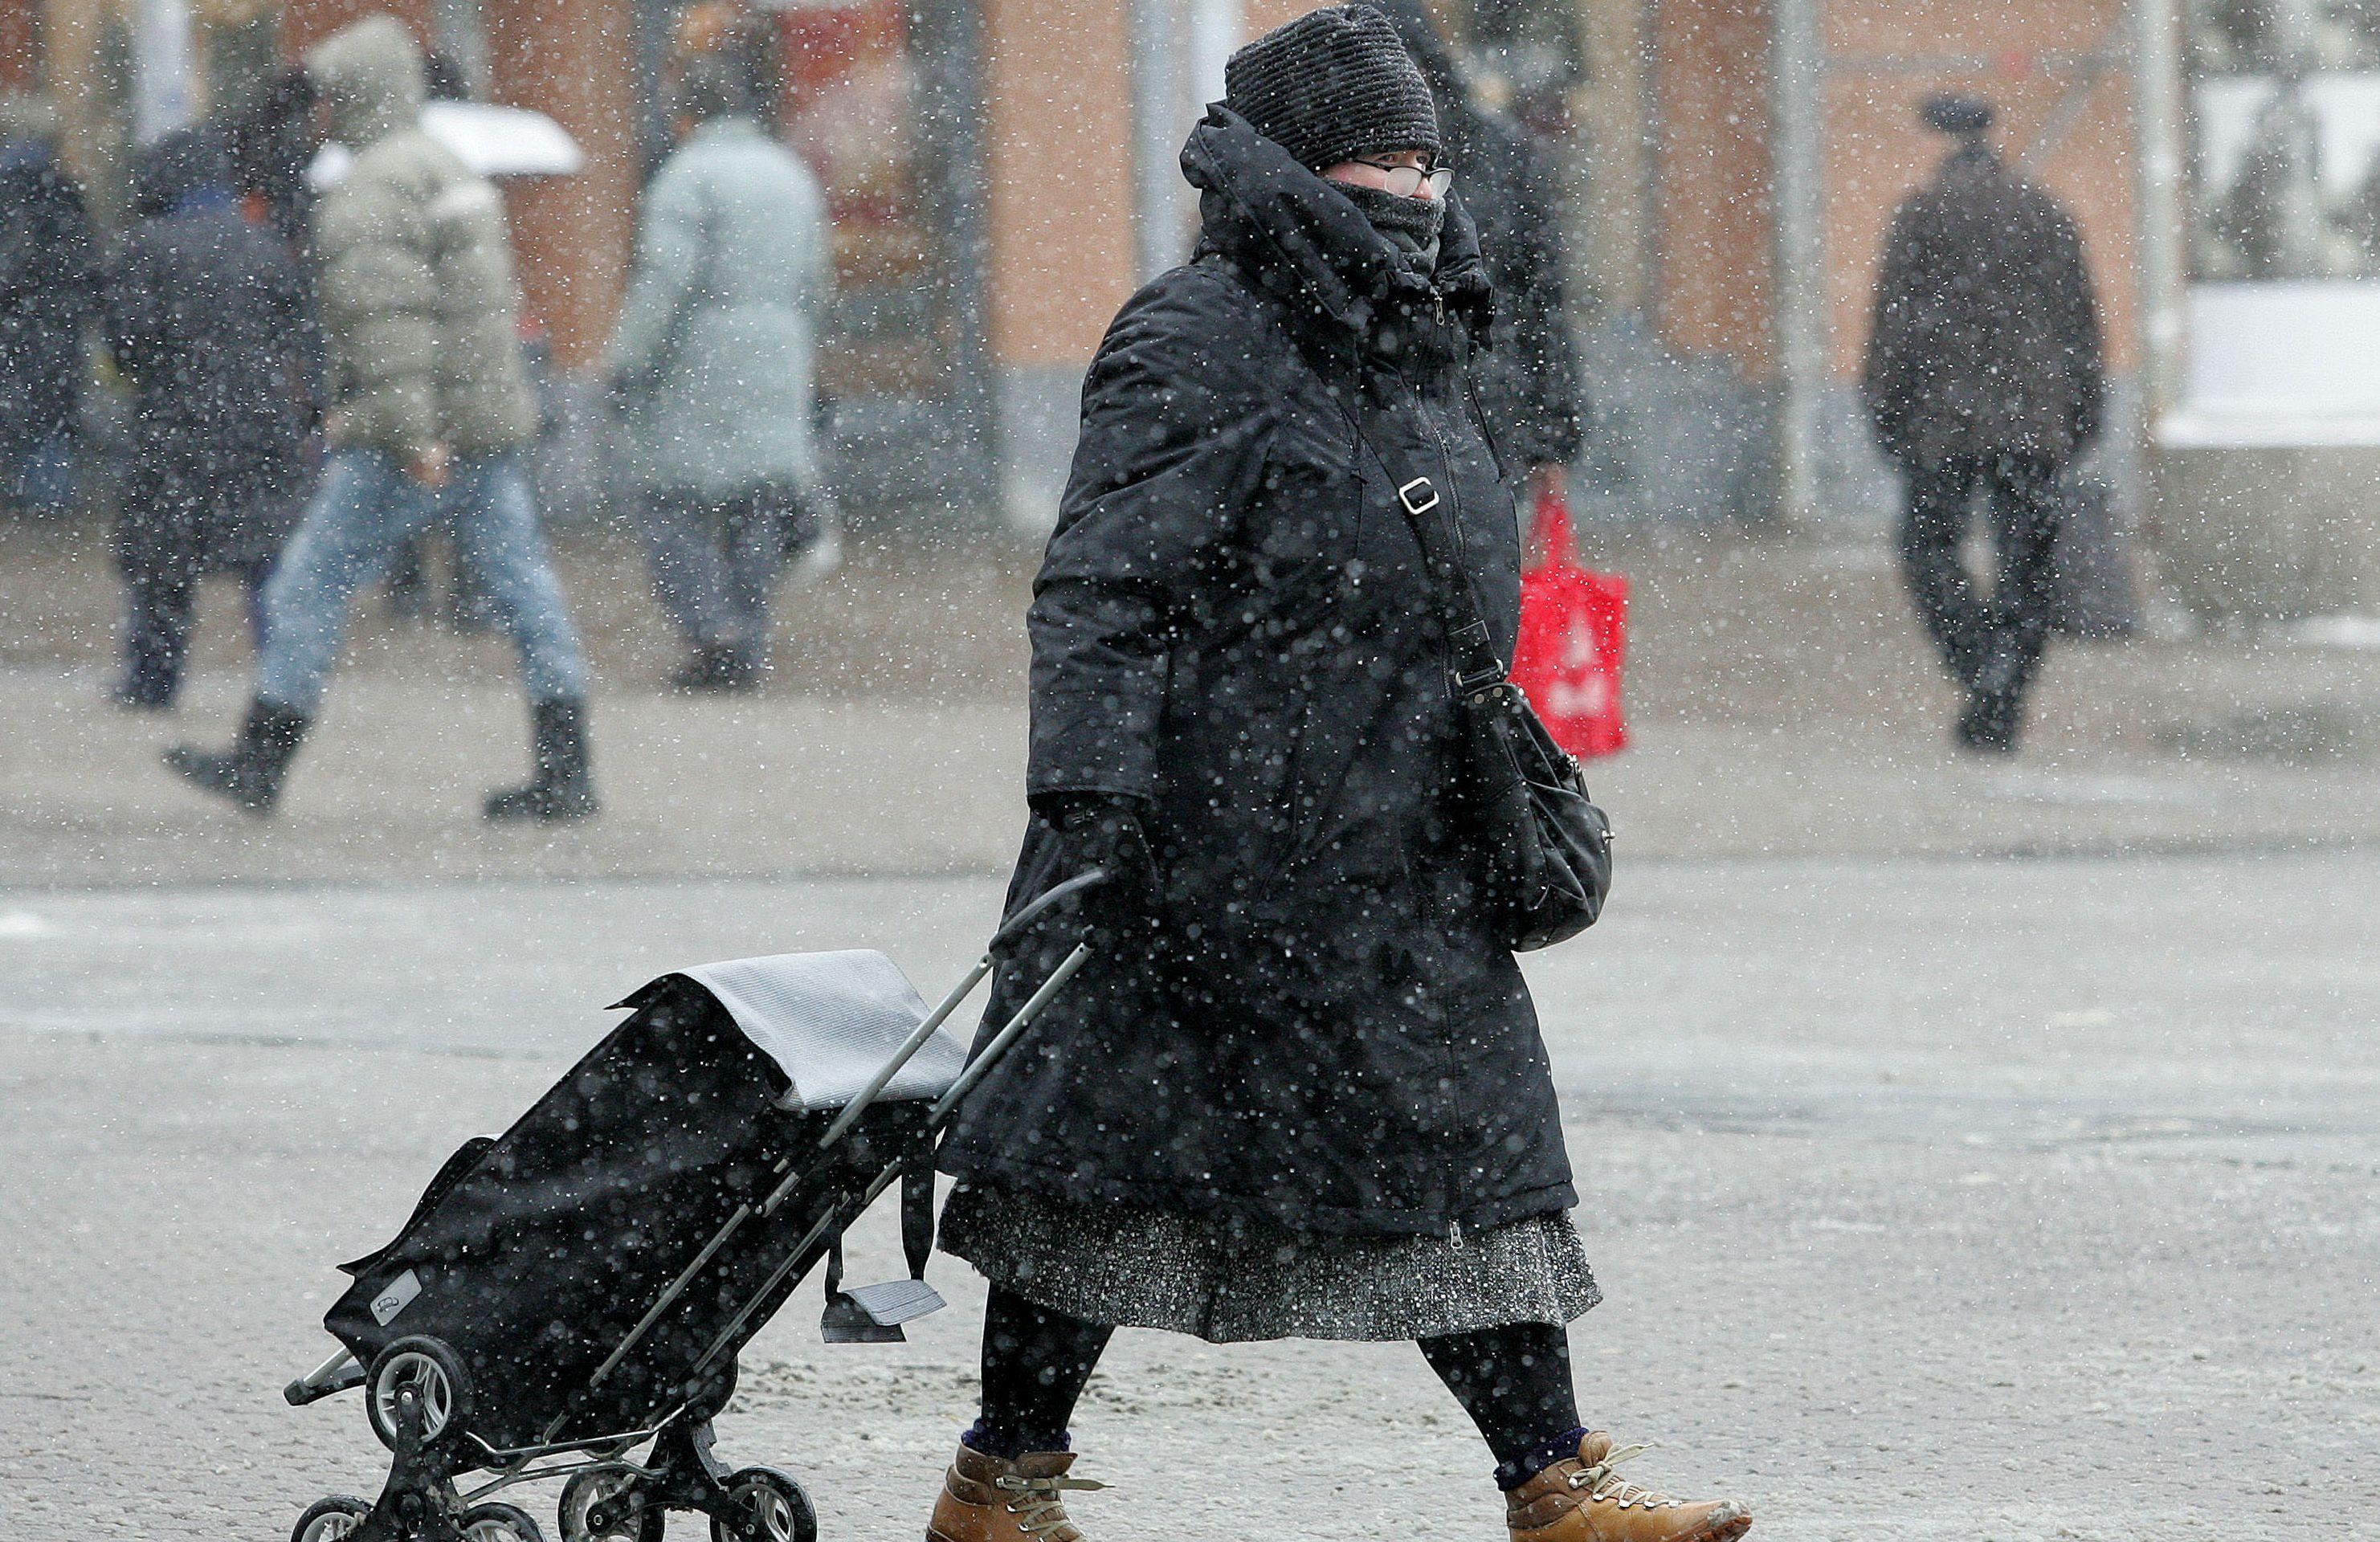 Preporučene mjere zaštite starijih osoba od hladnoće